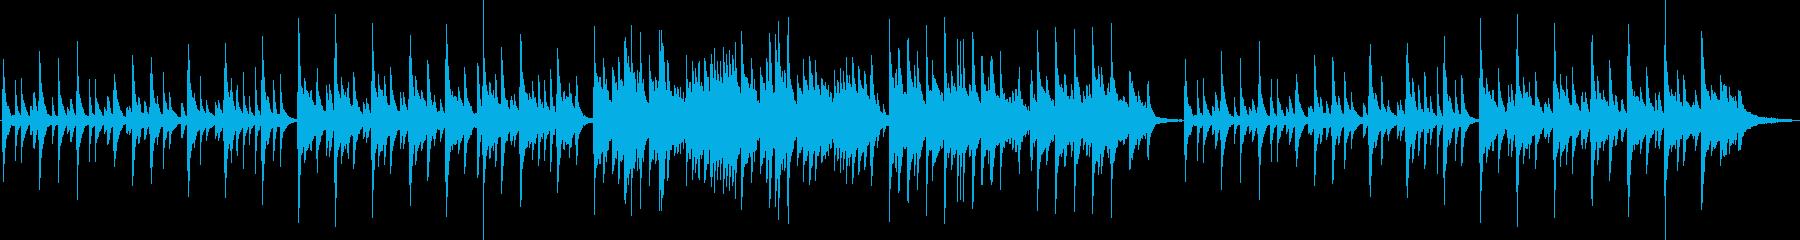 悲しい、切ない雰囲気のピアノバラードの再生済みの波形